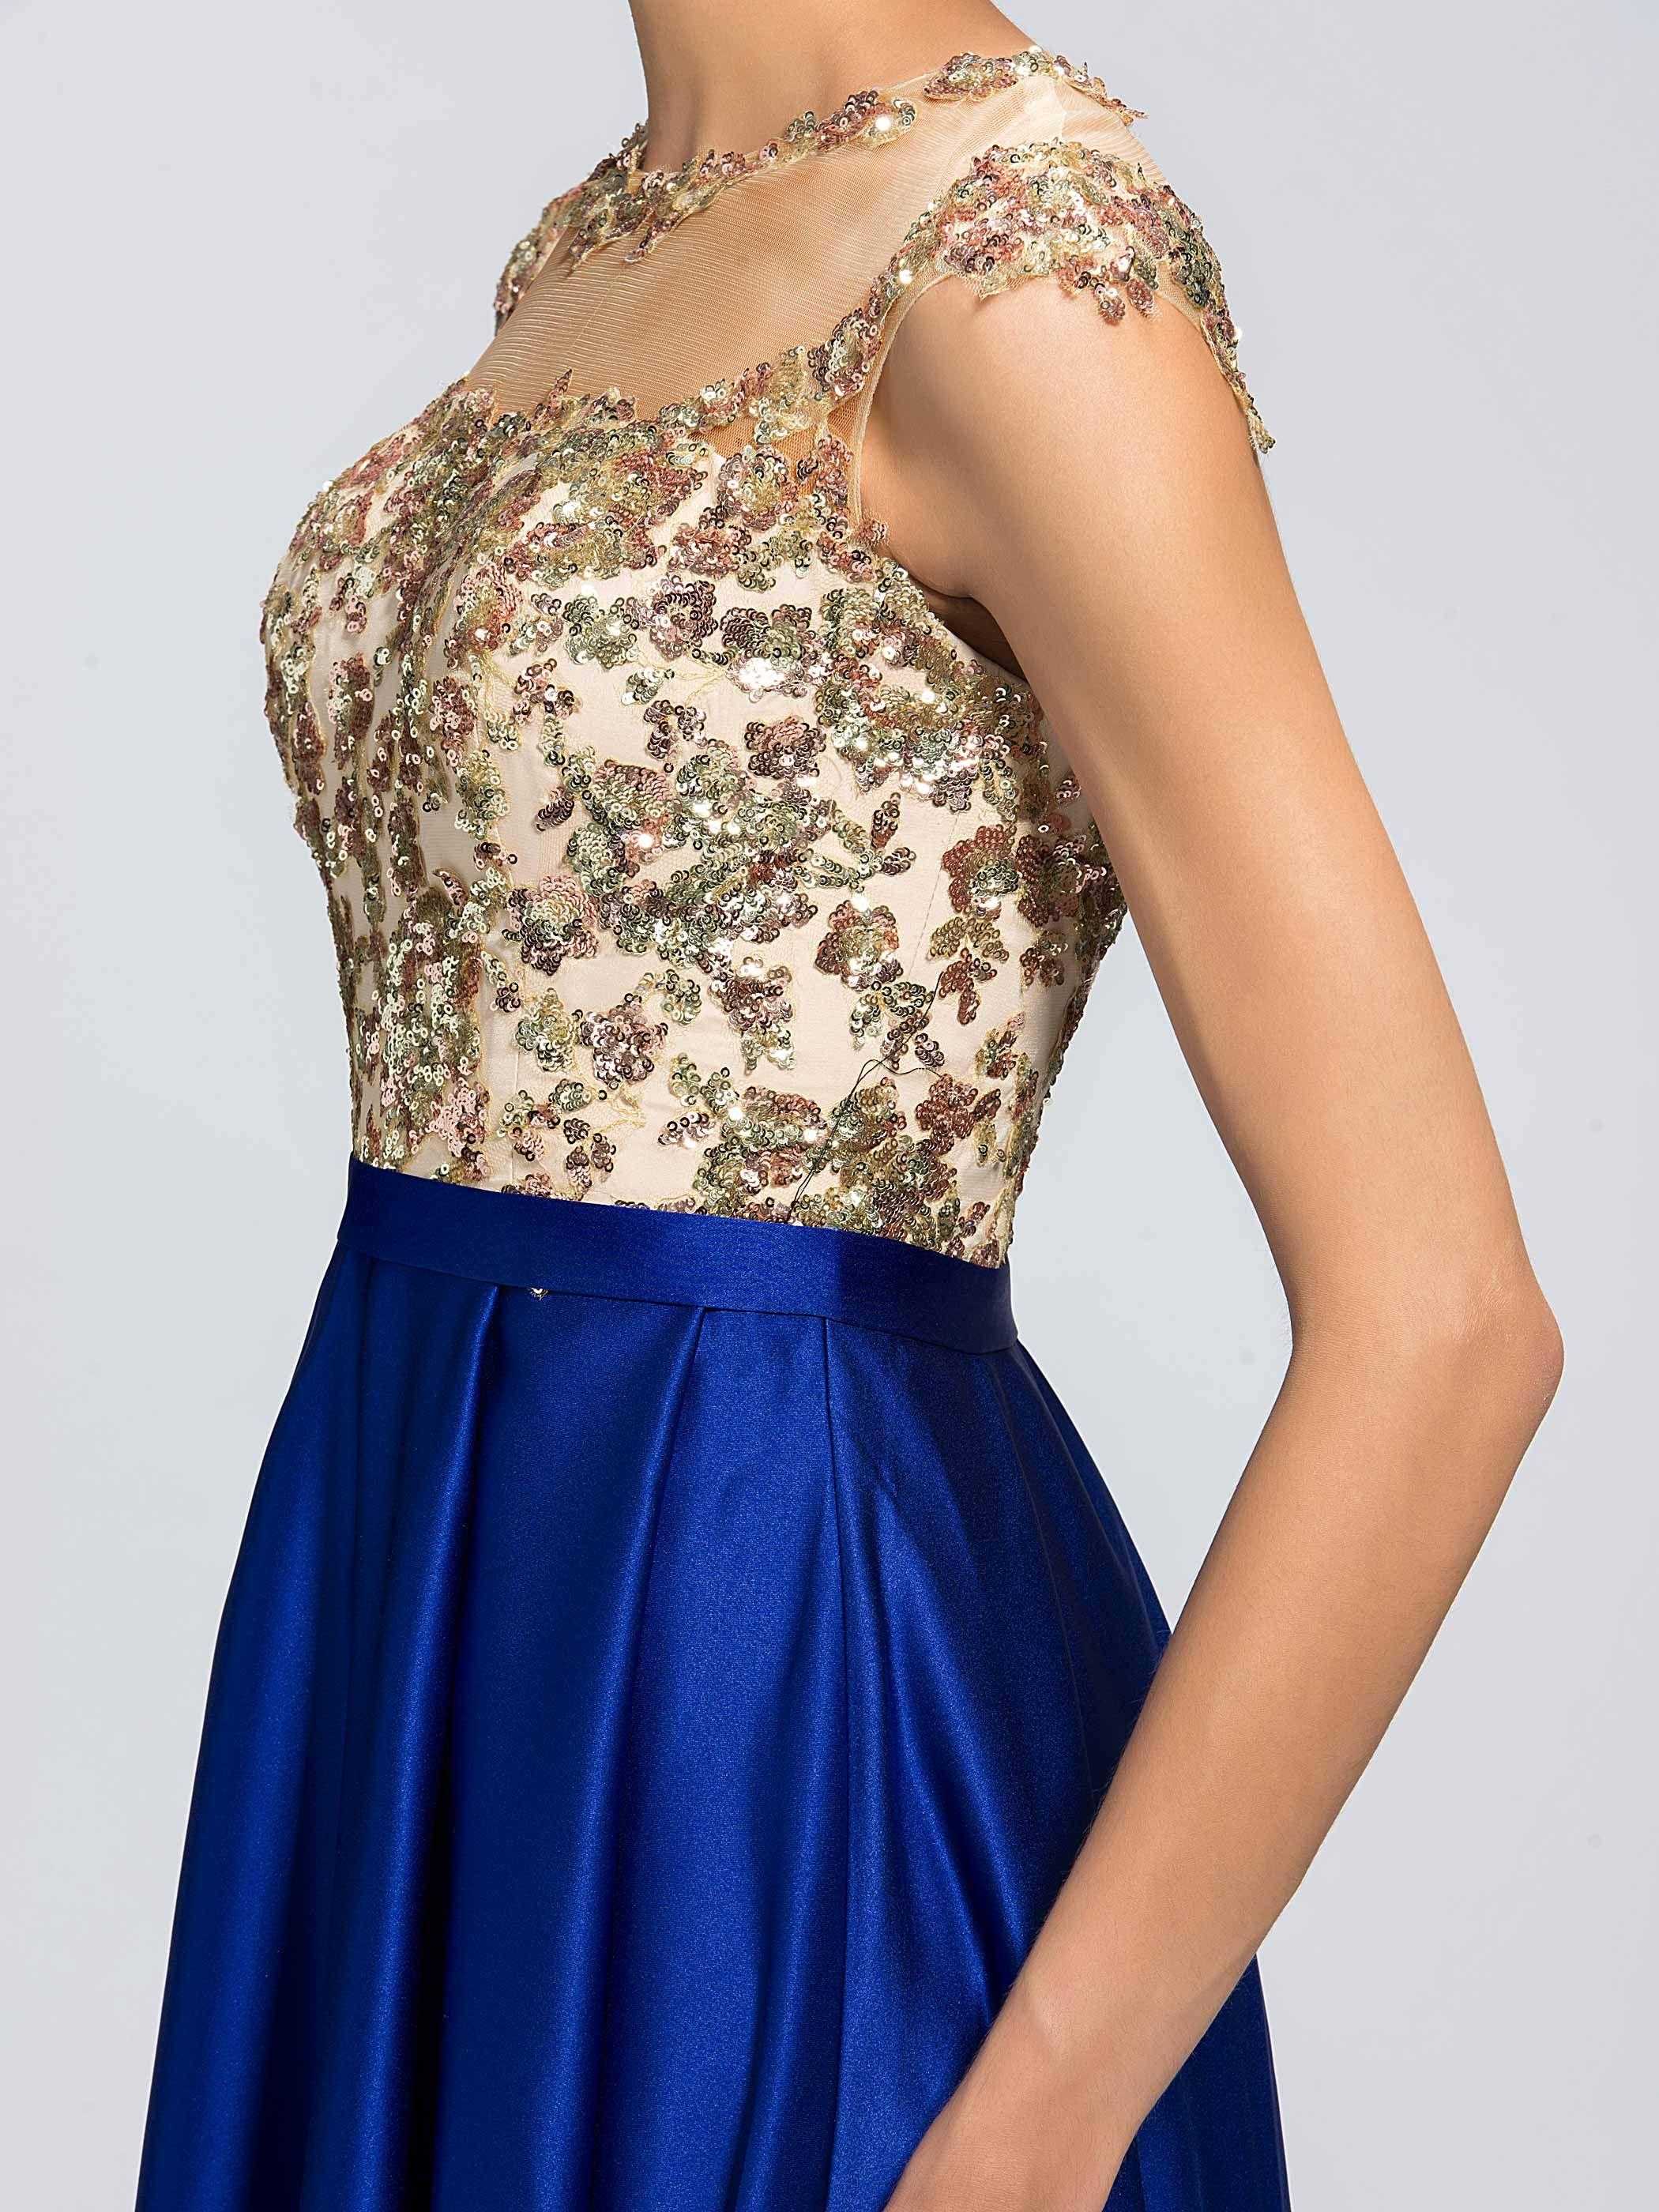 Charming aline jewel neckline appliques long evening dresson sale